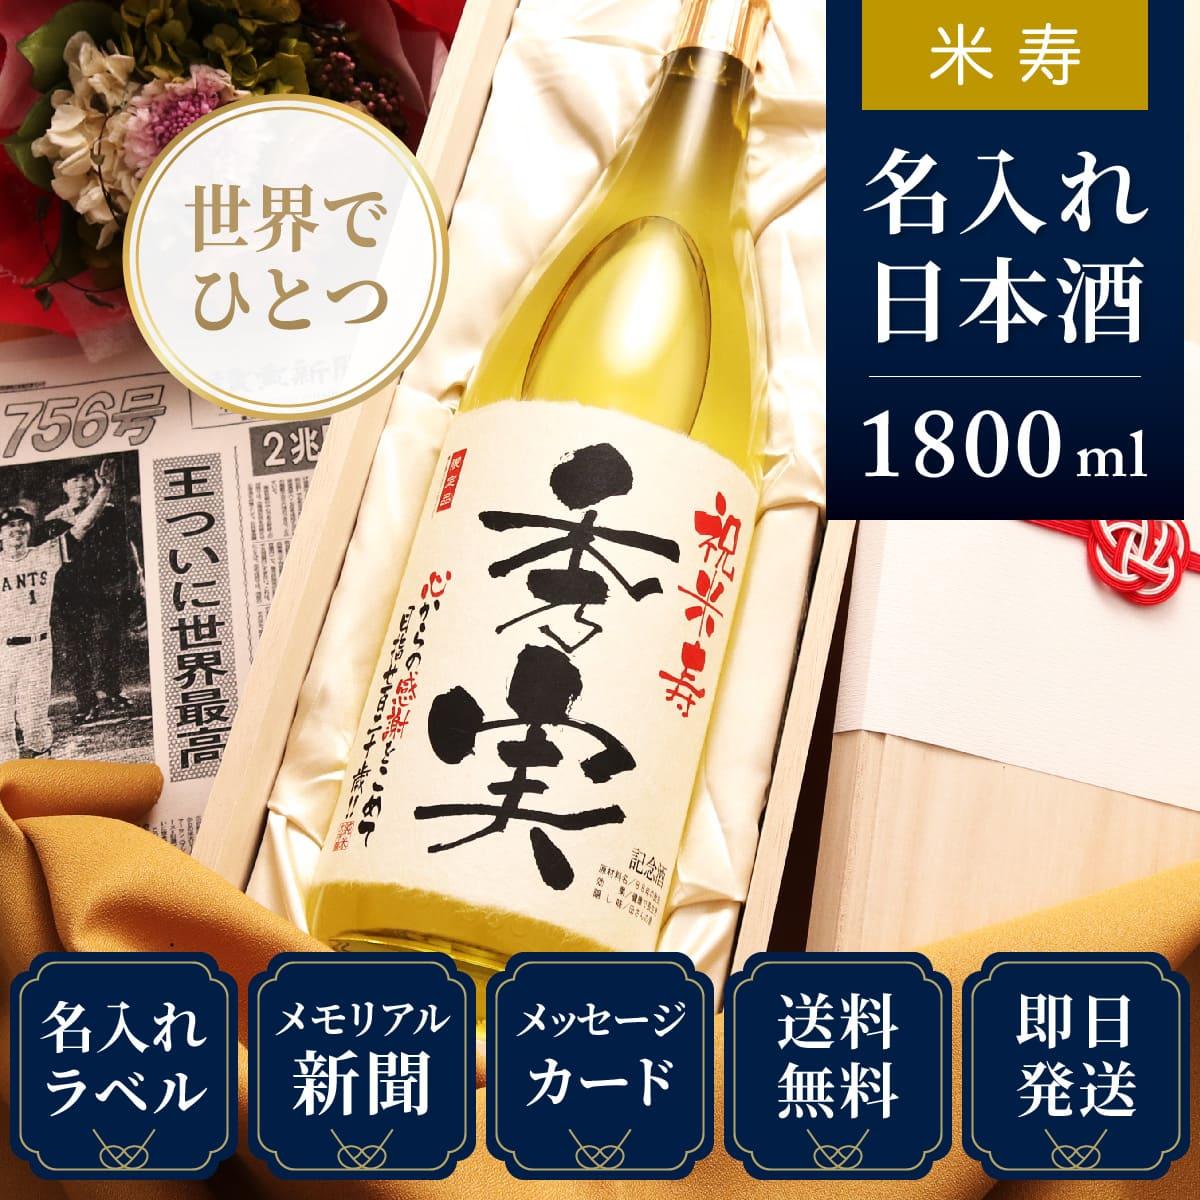 【米寿のお祝いに】記念日新聞付き名入れ日本酒1800ml≪黄凛≫【純米大吟醸】